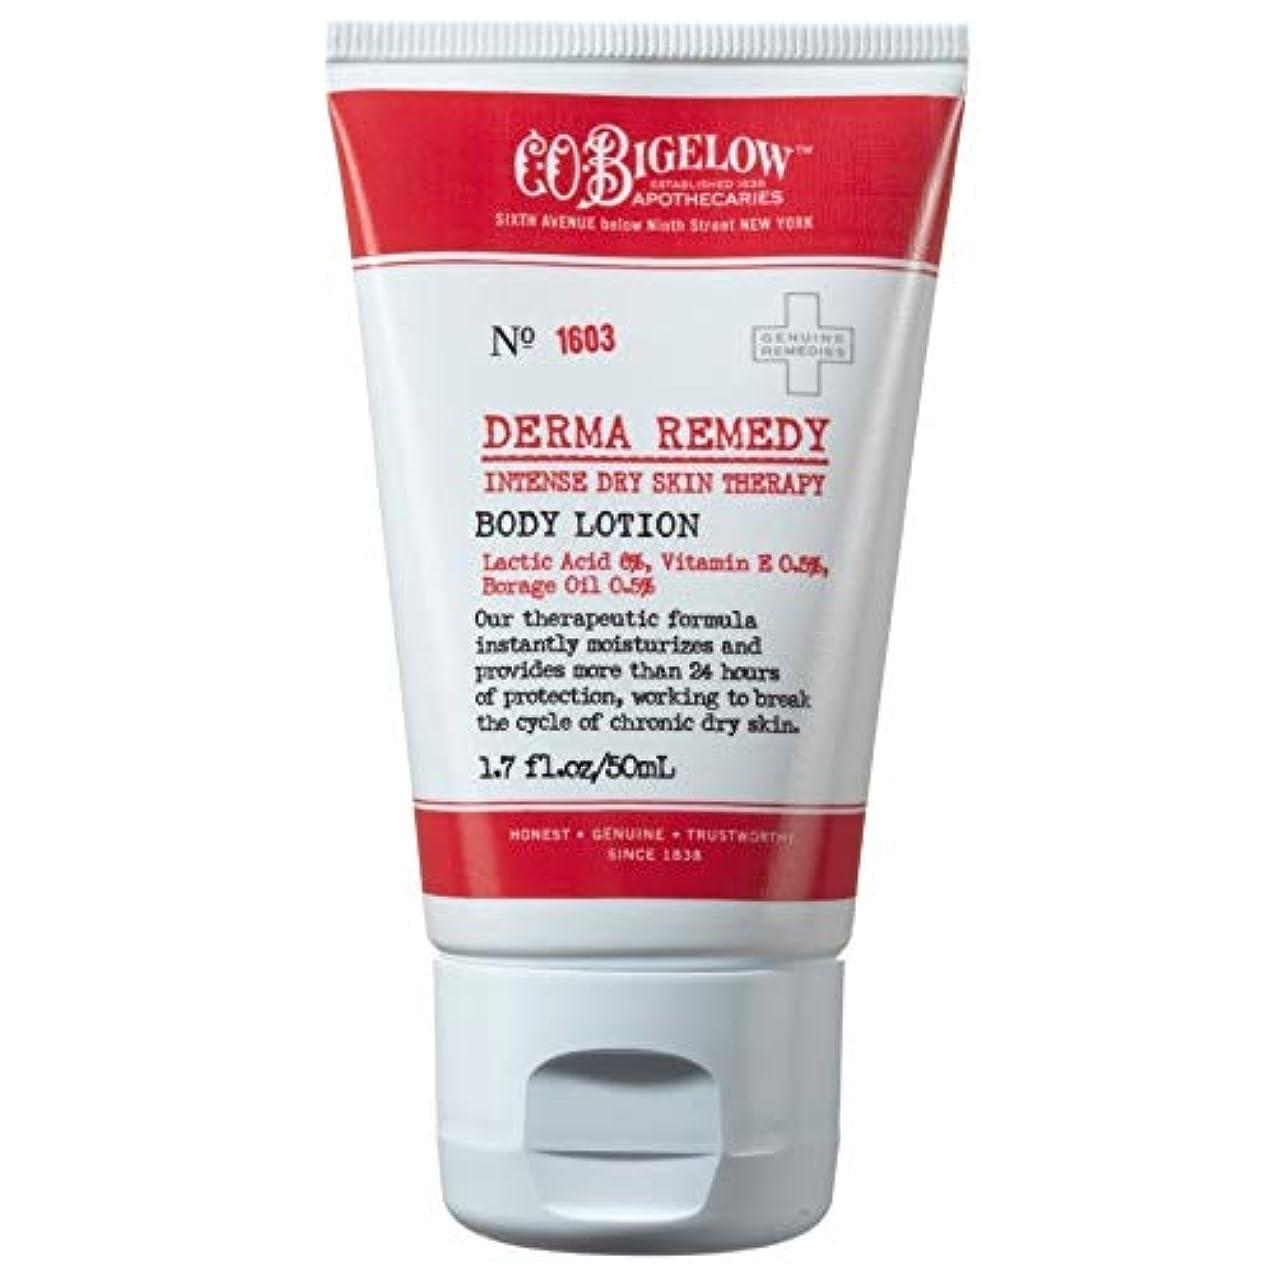 暗殺作りますパステル[C.O. Bigelow] C.O.ビゲローダーマ救済激しい乾燥肌の治療ボディローション - C.O. Bigelow Derma Remedy Intense Dry Skin Therapy Body Lotion...